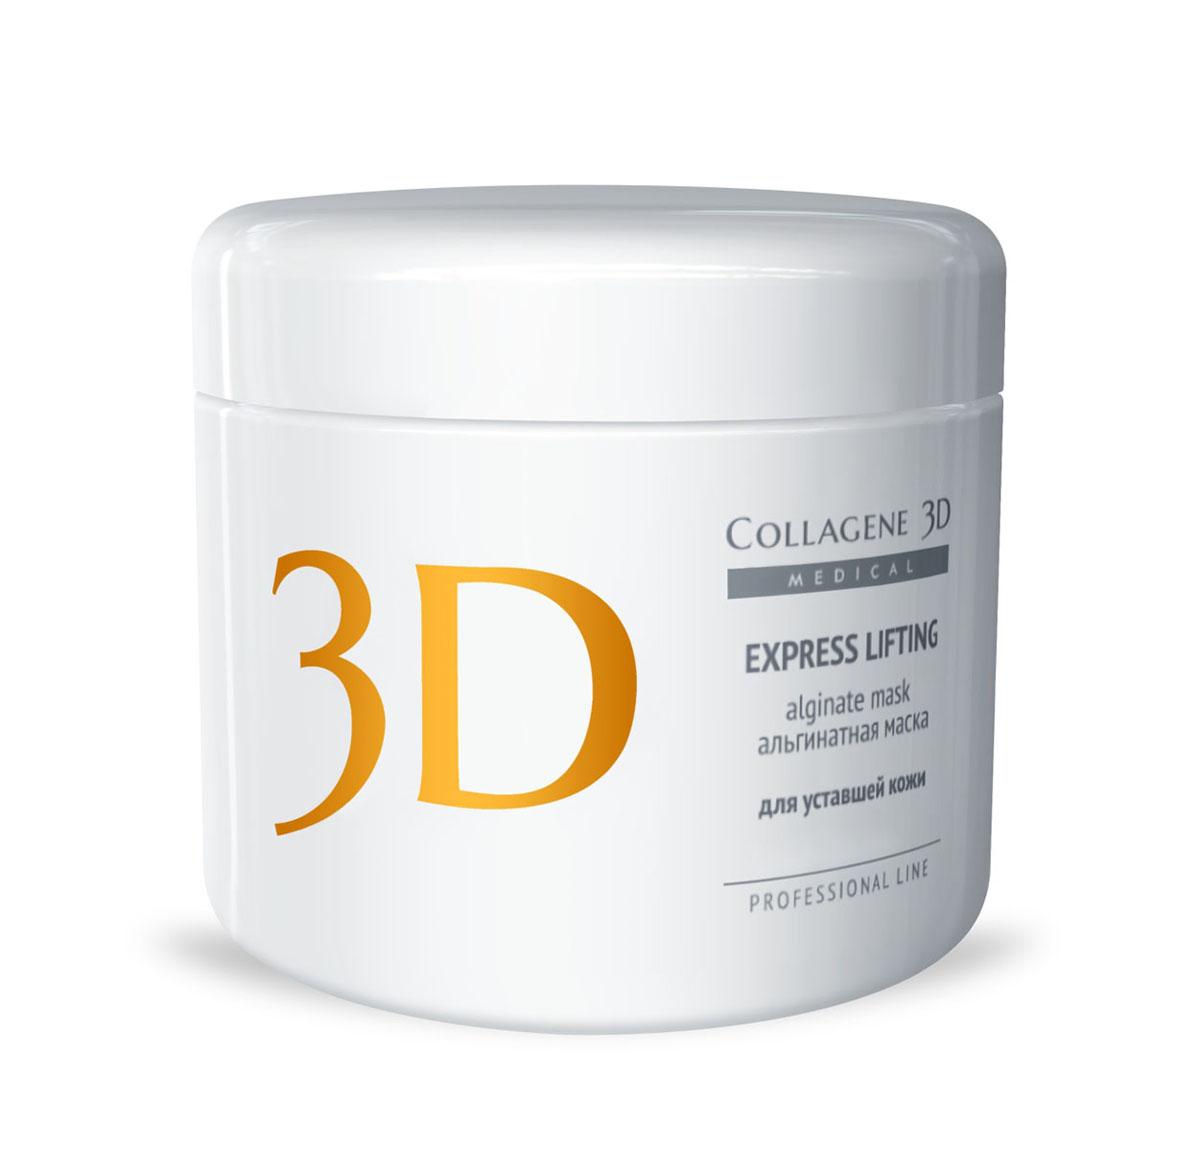 цена на Medical Collagene 3D Альгинатная маска для лица и тела Express Lifting, 200 г